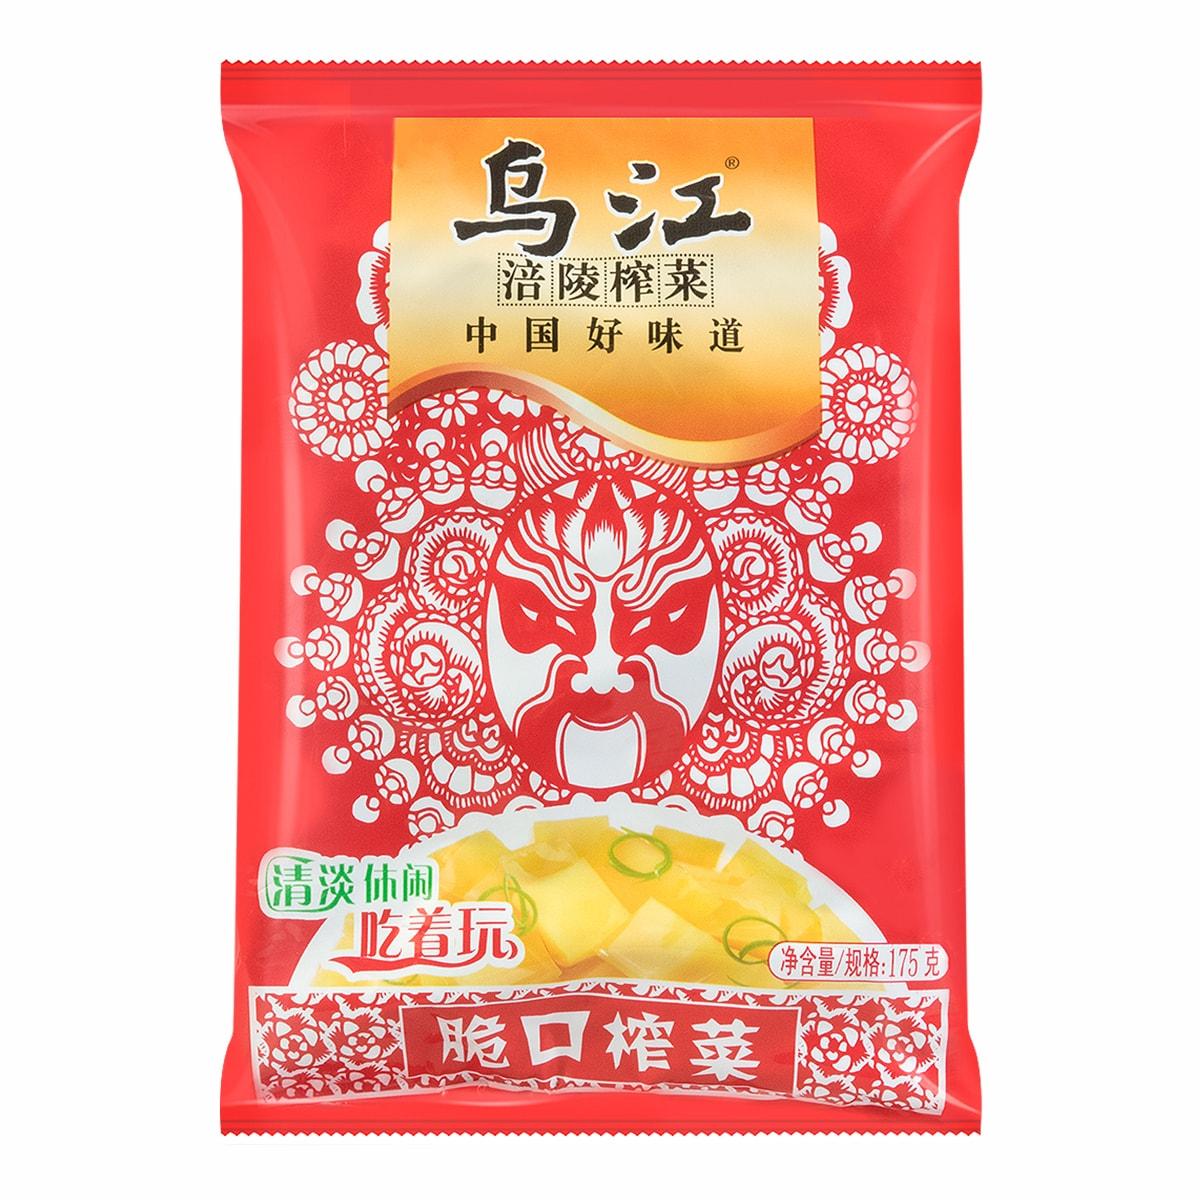 乌江涪陵榨菜 脆口榨菜 150g